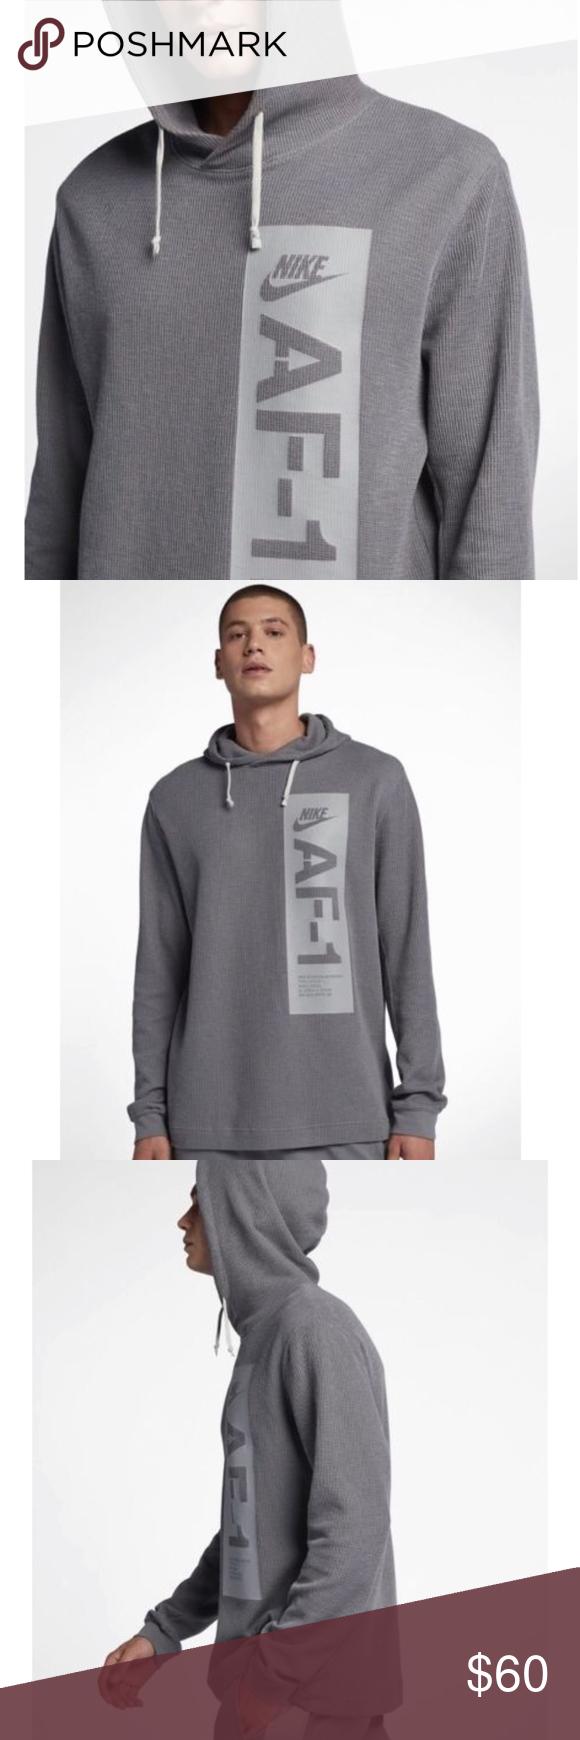 Nike Sportswear Af1 Air Force Men S Hoodie Nike Sportswear Sportswear Hoodies Men [ 1740 x 580 Pixel ]